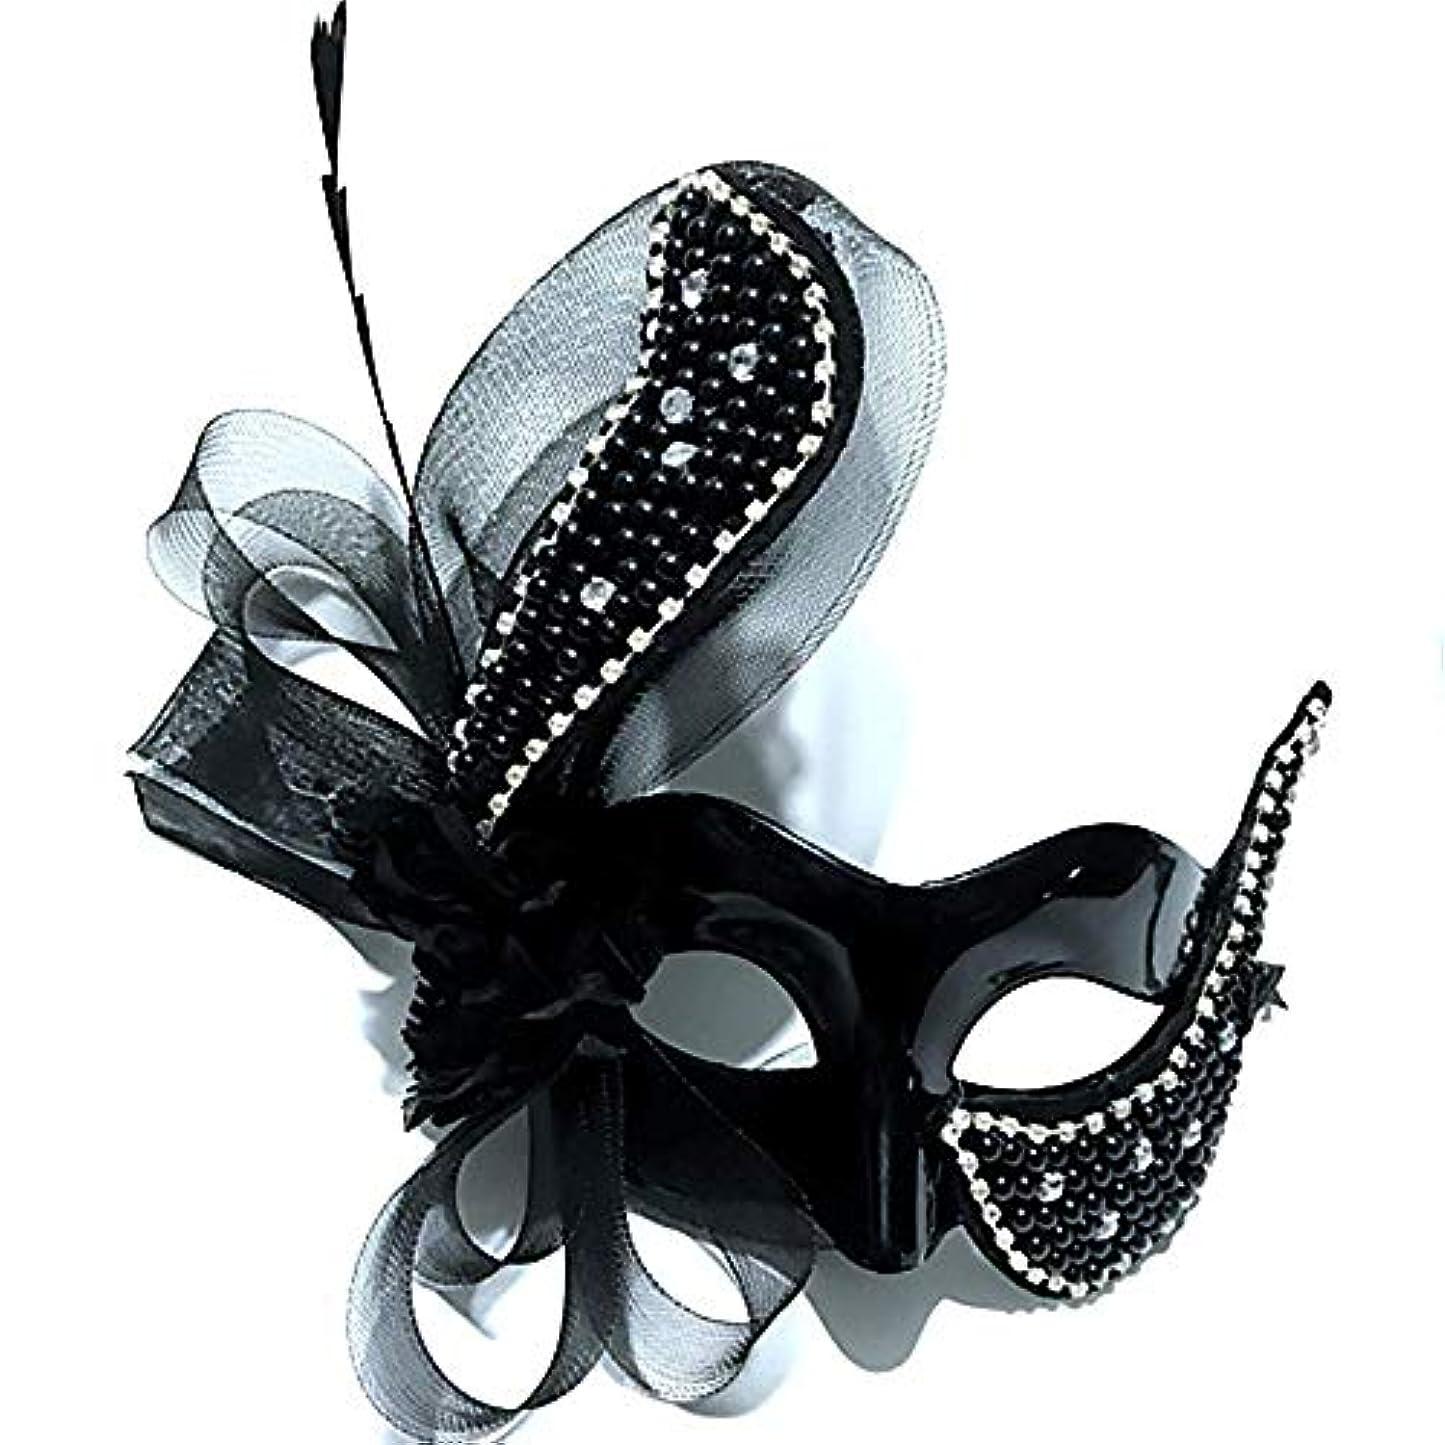 下向き田舎人工Nanle ハロウィーンヴィンテージフェザーラインストーンマスク仮装マスクレディミスプリンセス美容祭パーティー装飾マスク